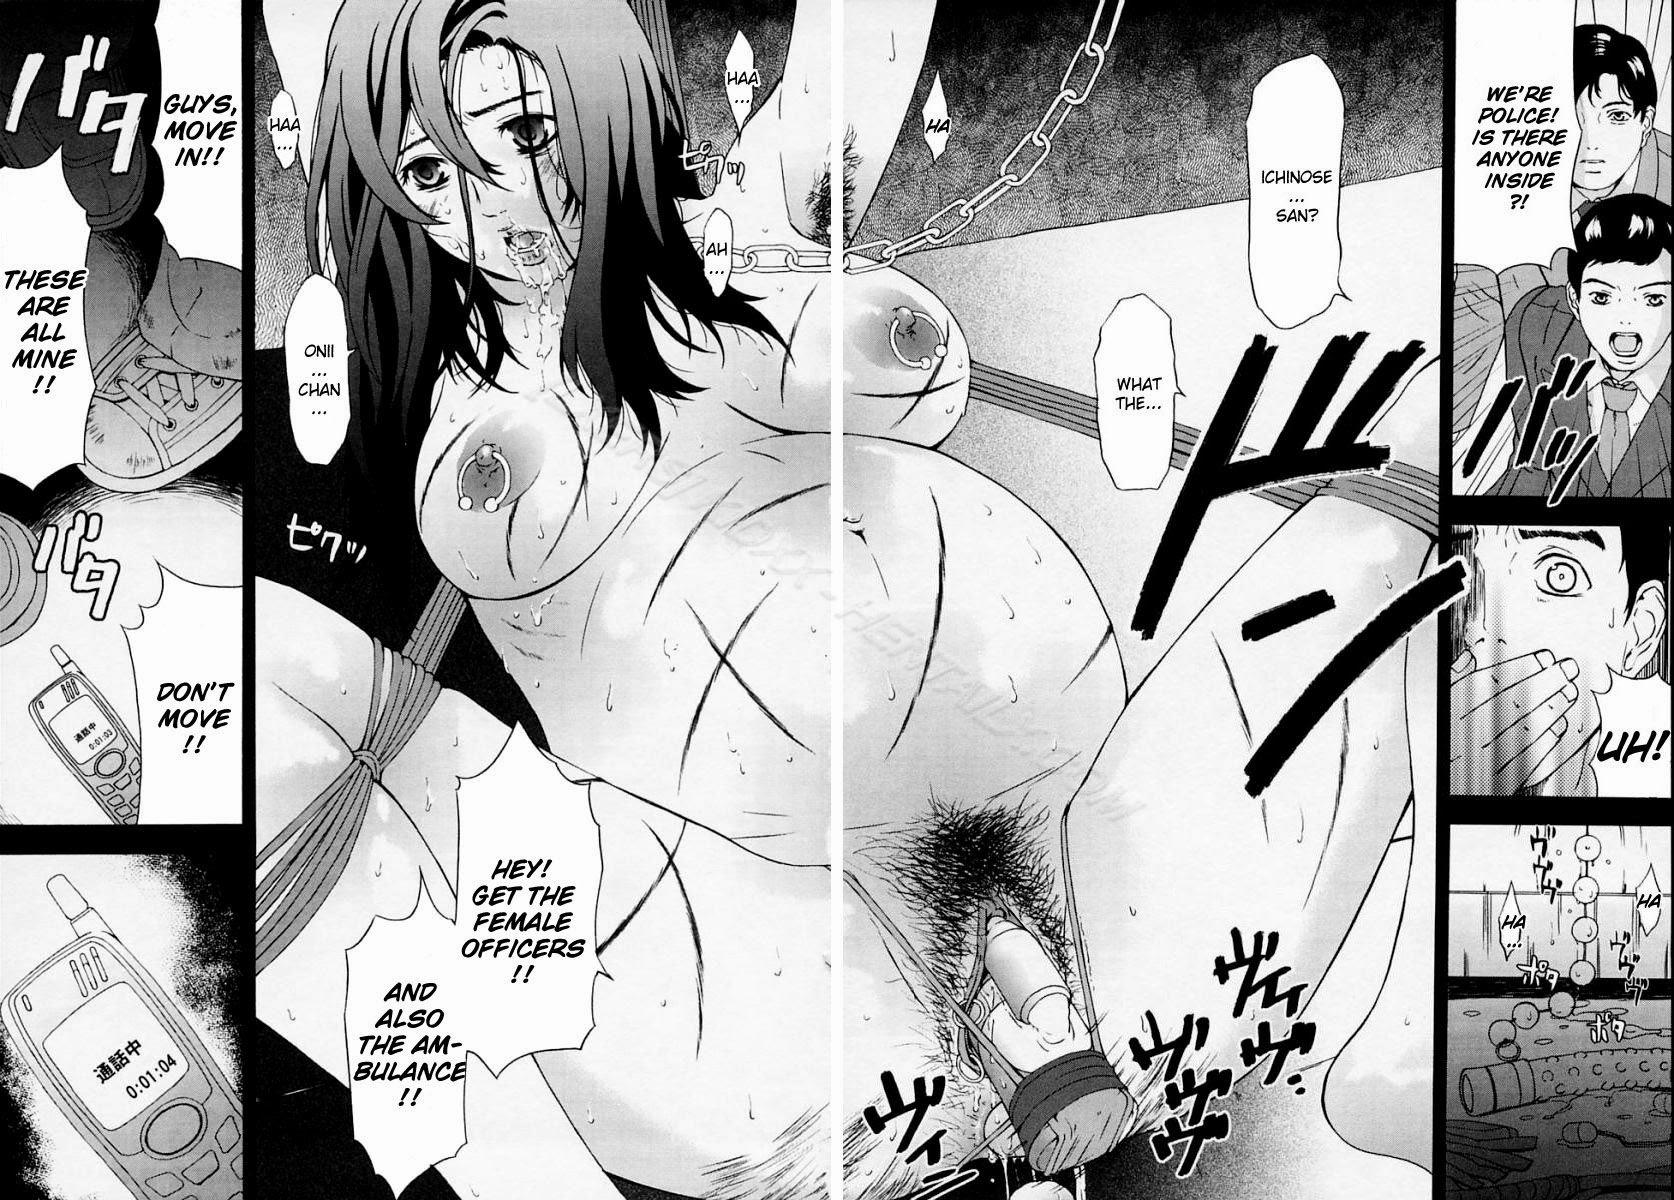 Hình ảnh Hinh_012 trong bài viết Em Thèm Tinh Dịch - H Manga